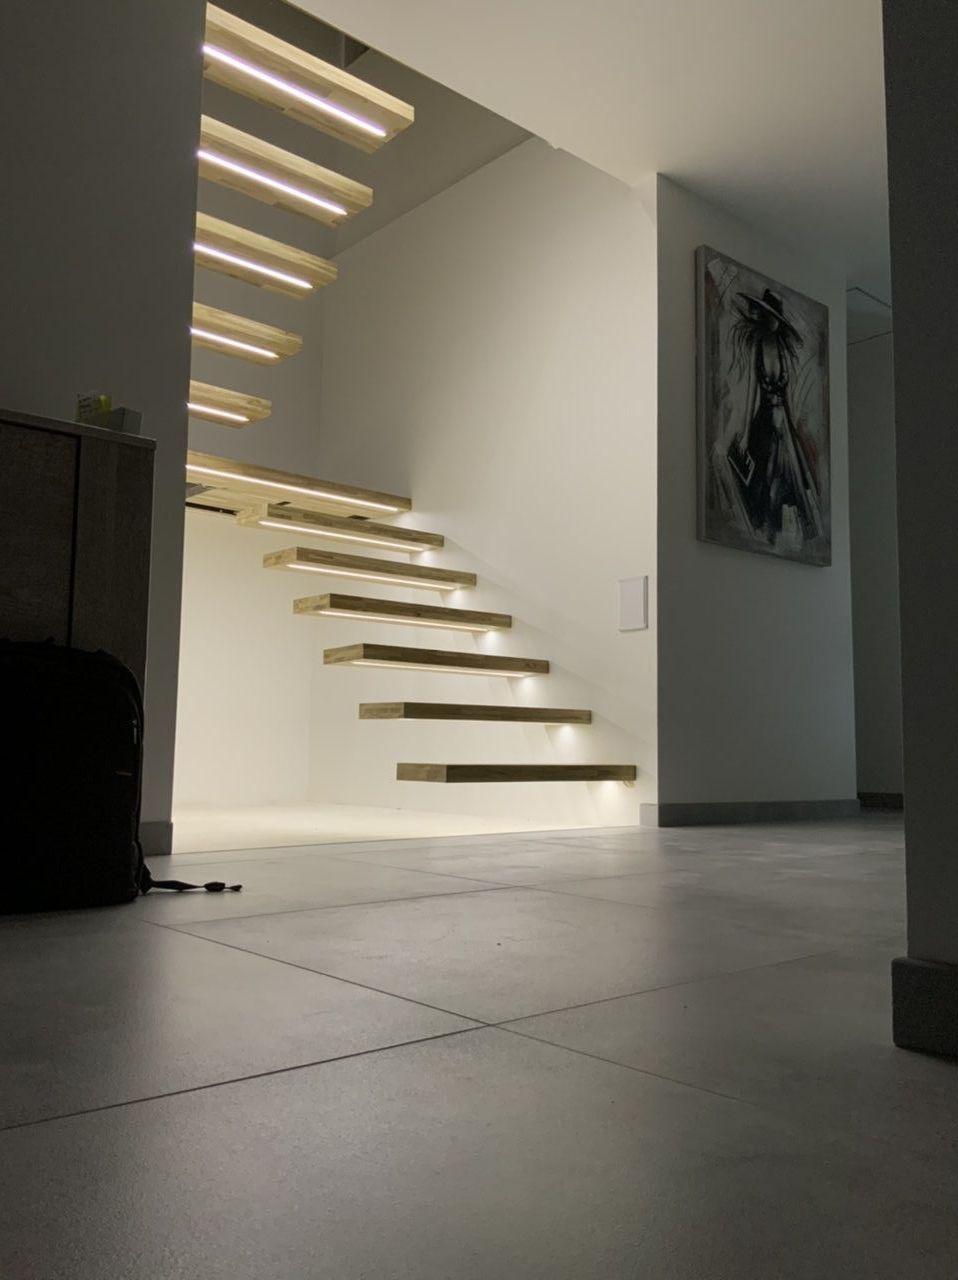 Escalier terminé ! De nuit